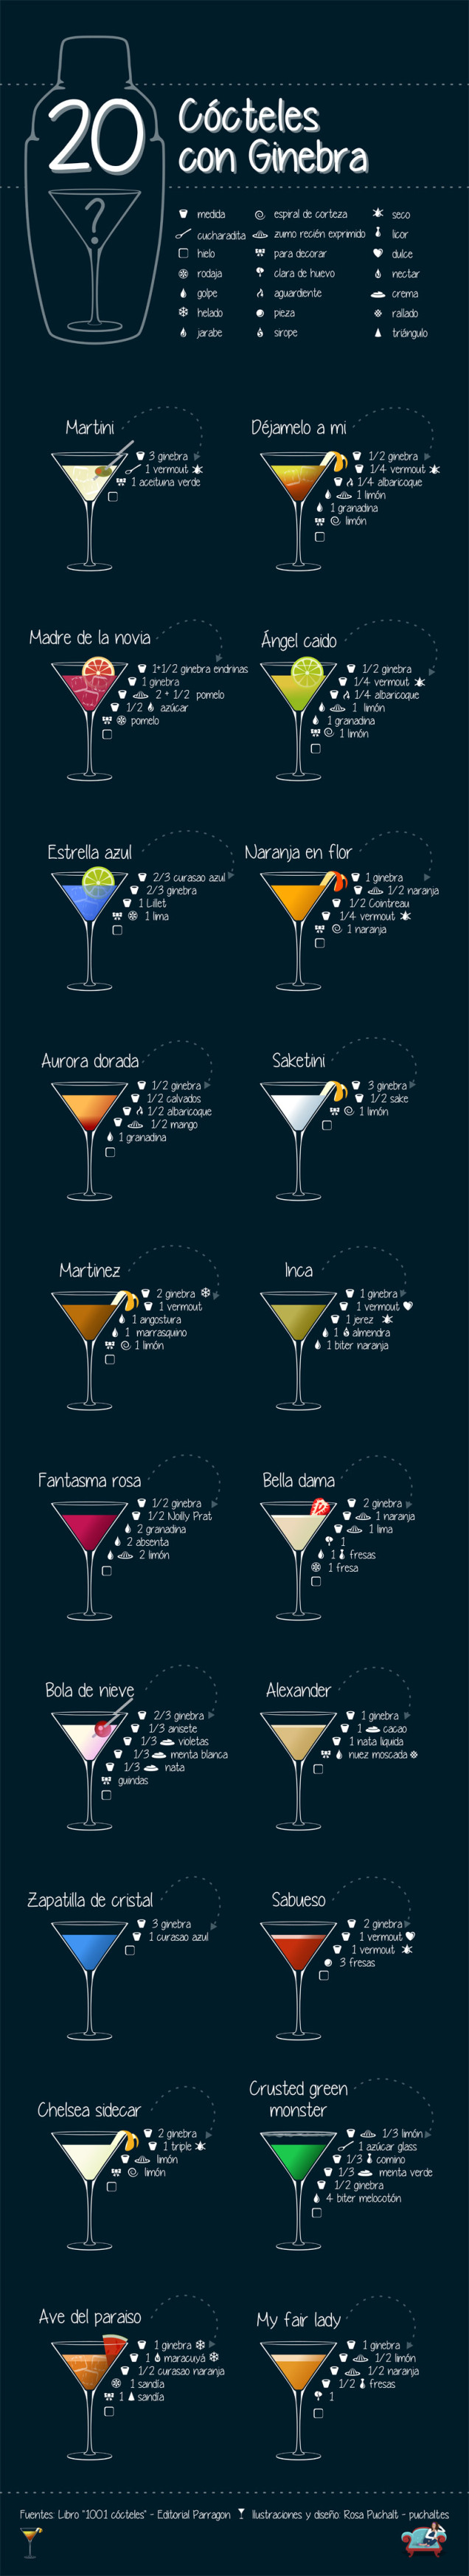 infografia_20_cocteles_con_ginebra